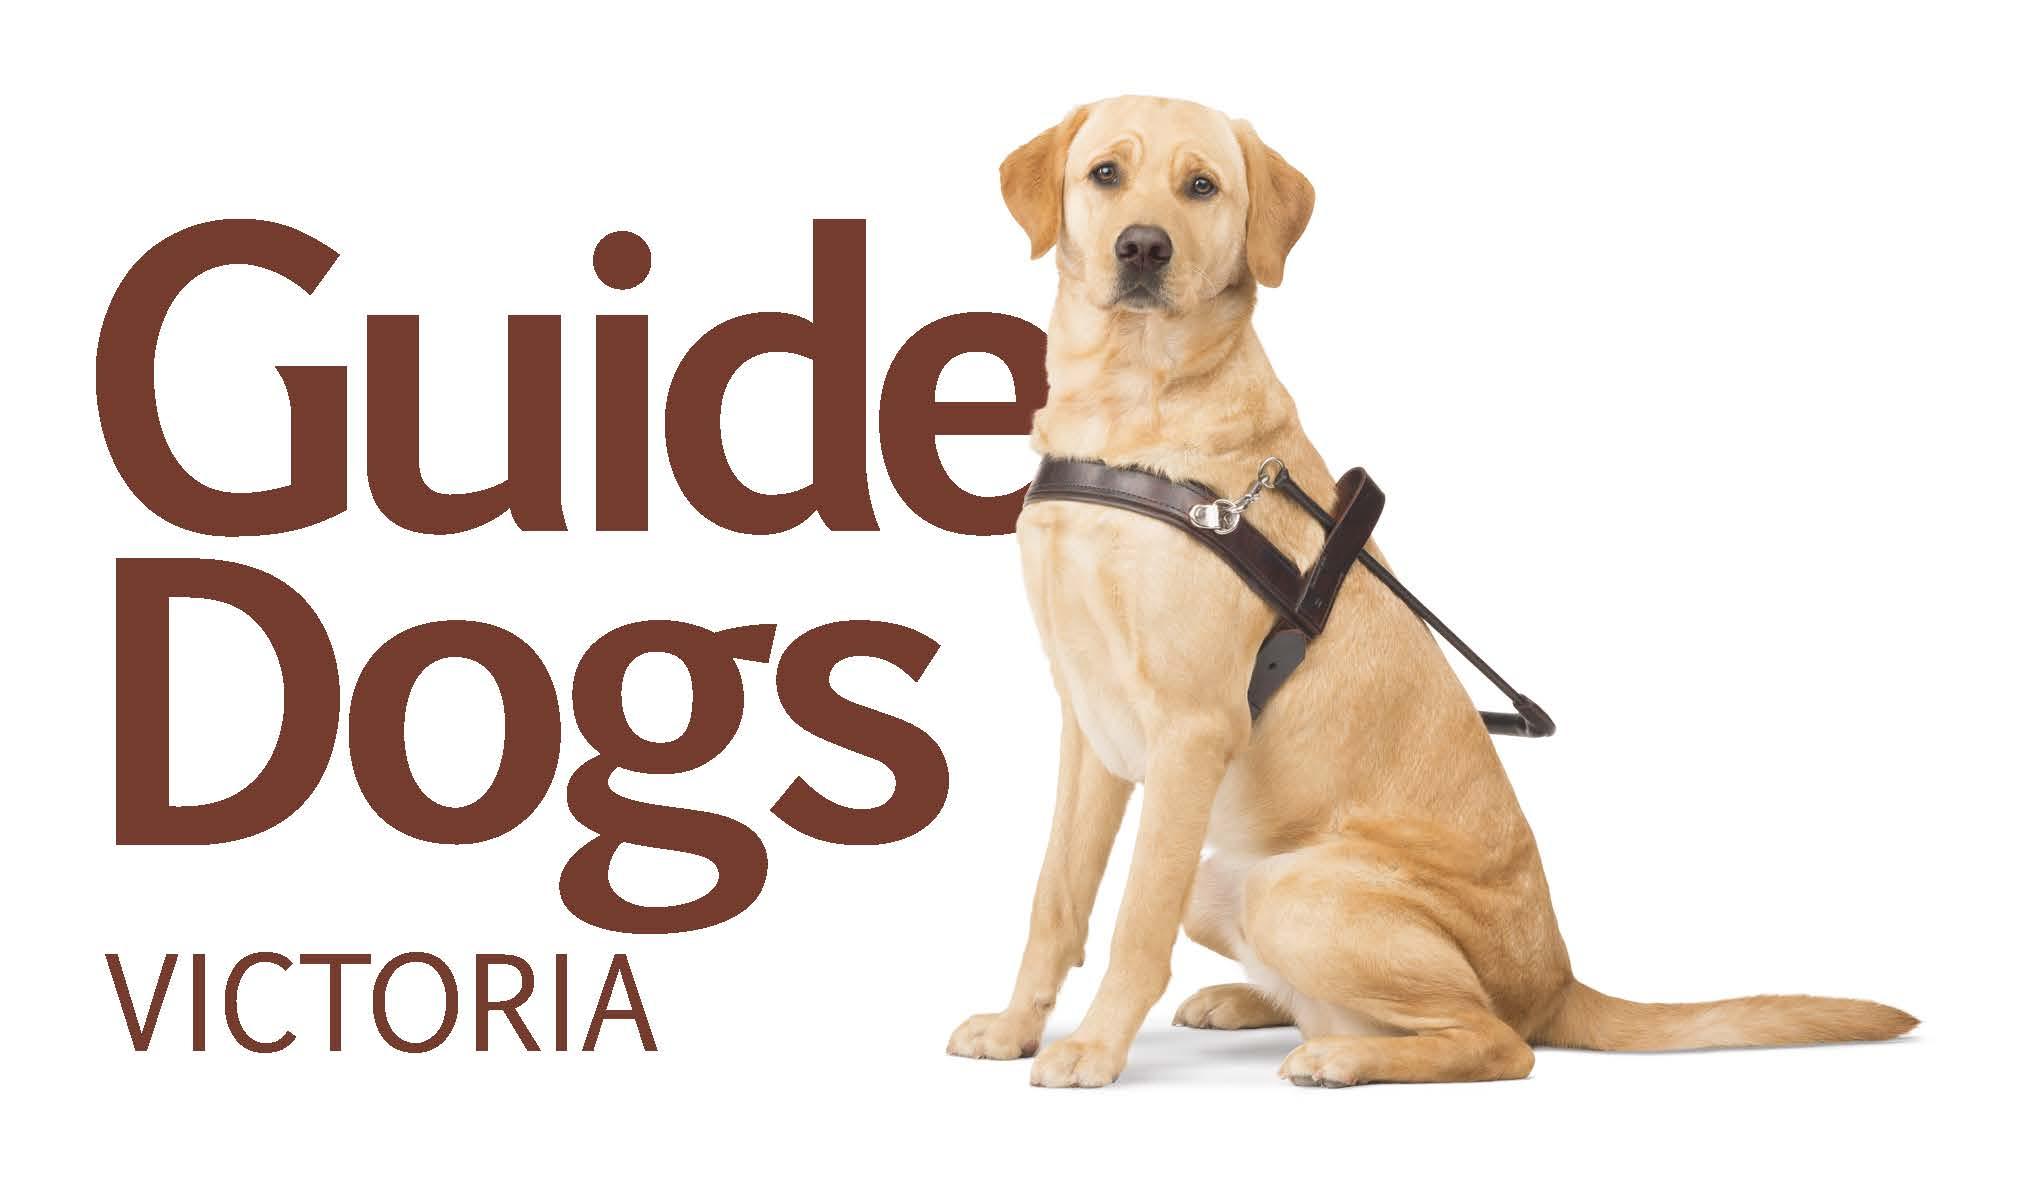 Guide Dogs Victoria